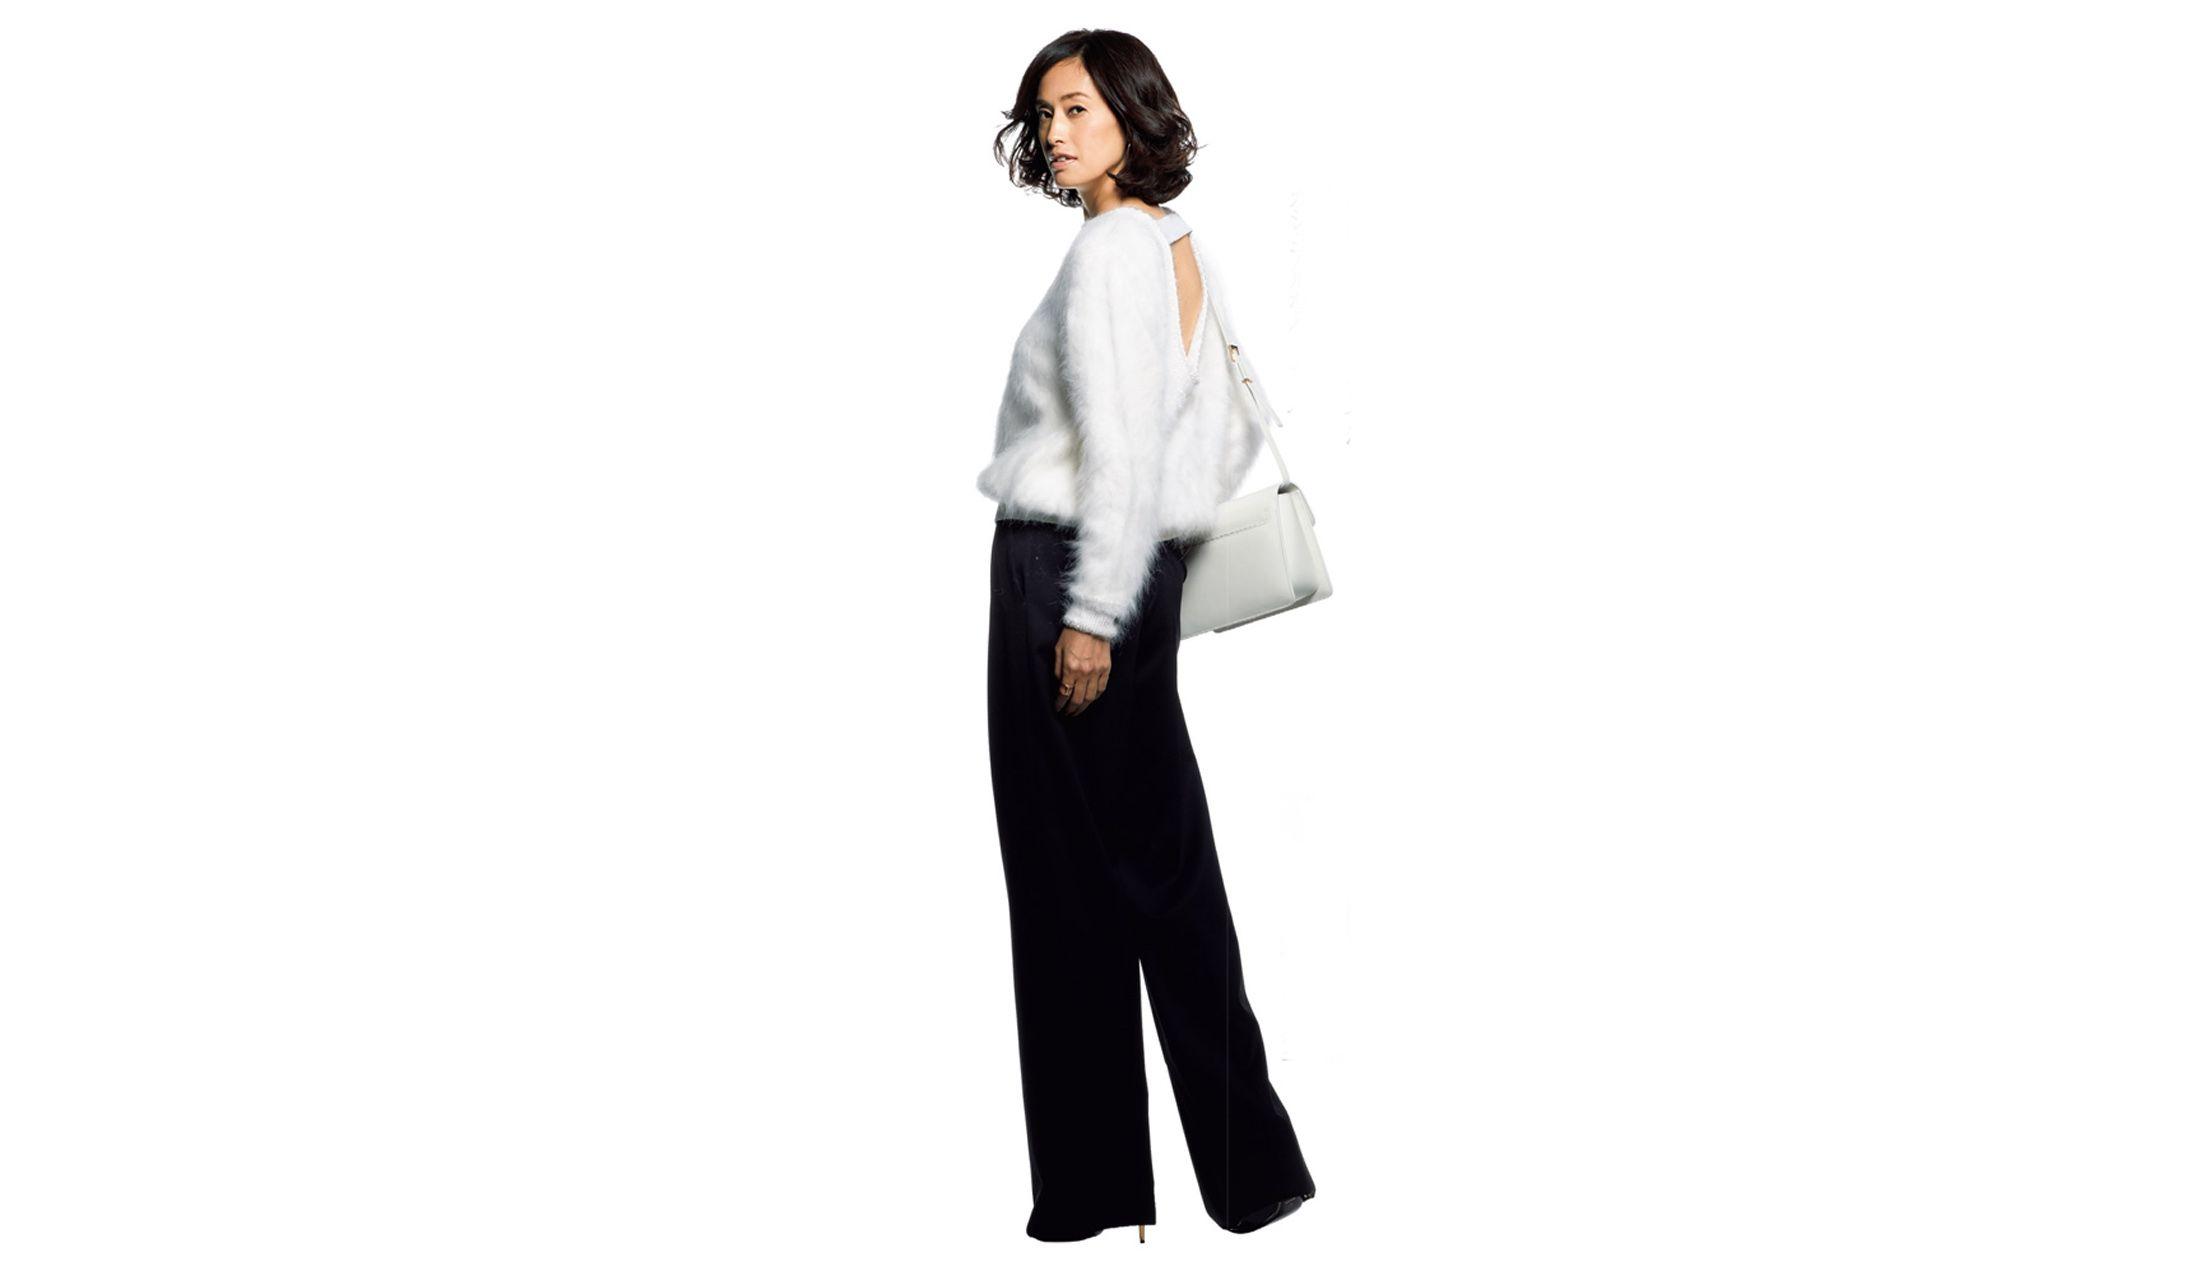 白ニットとパンツを身につけた女性